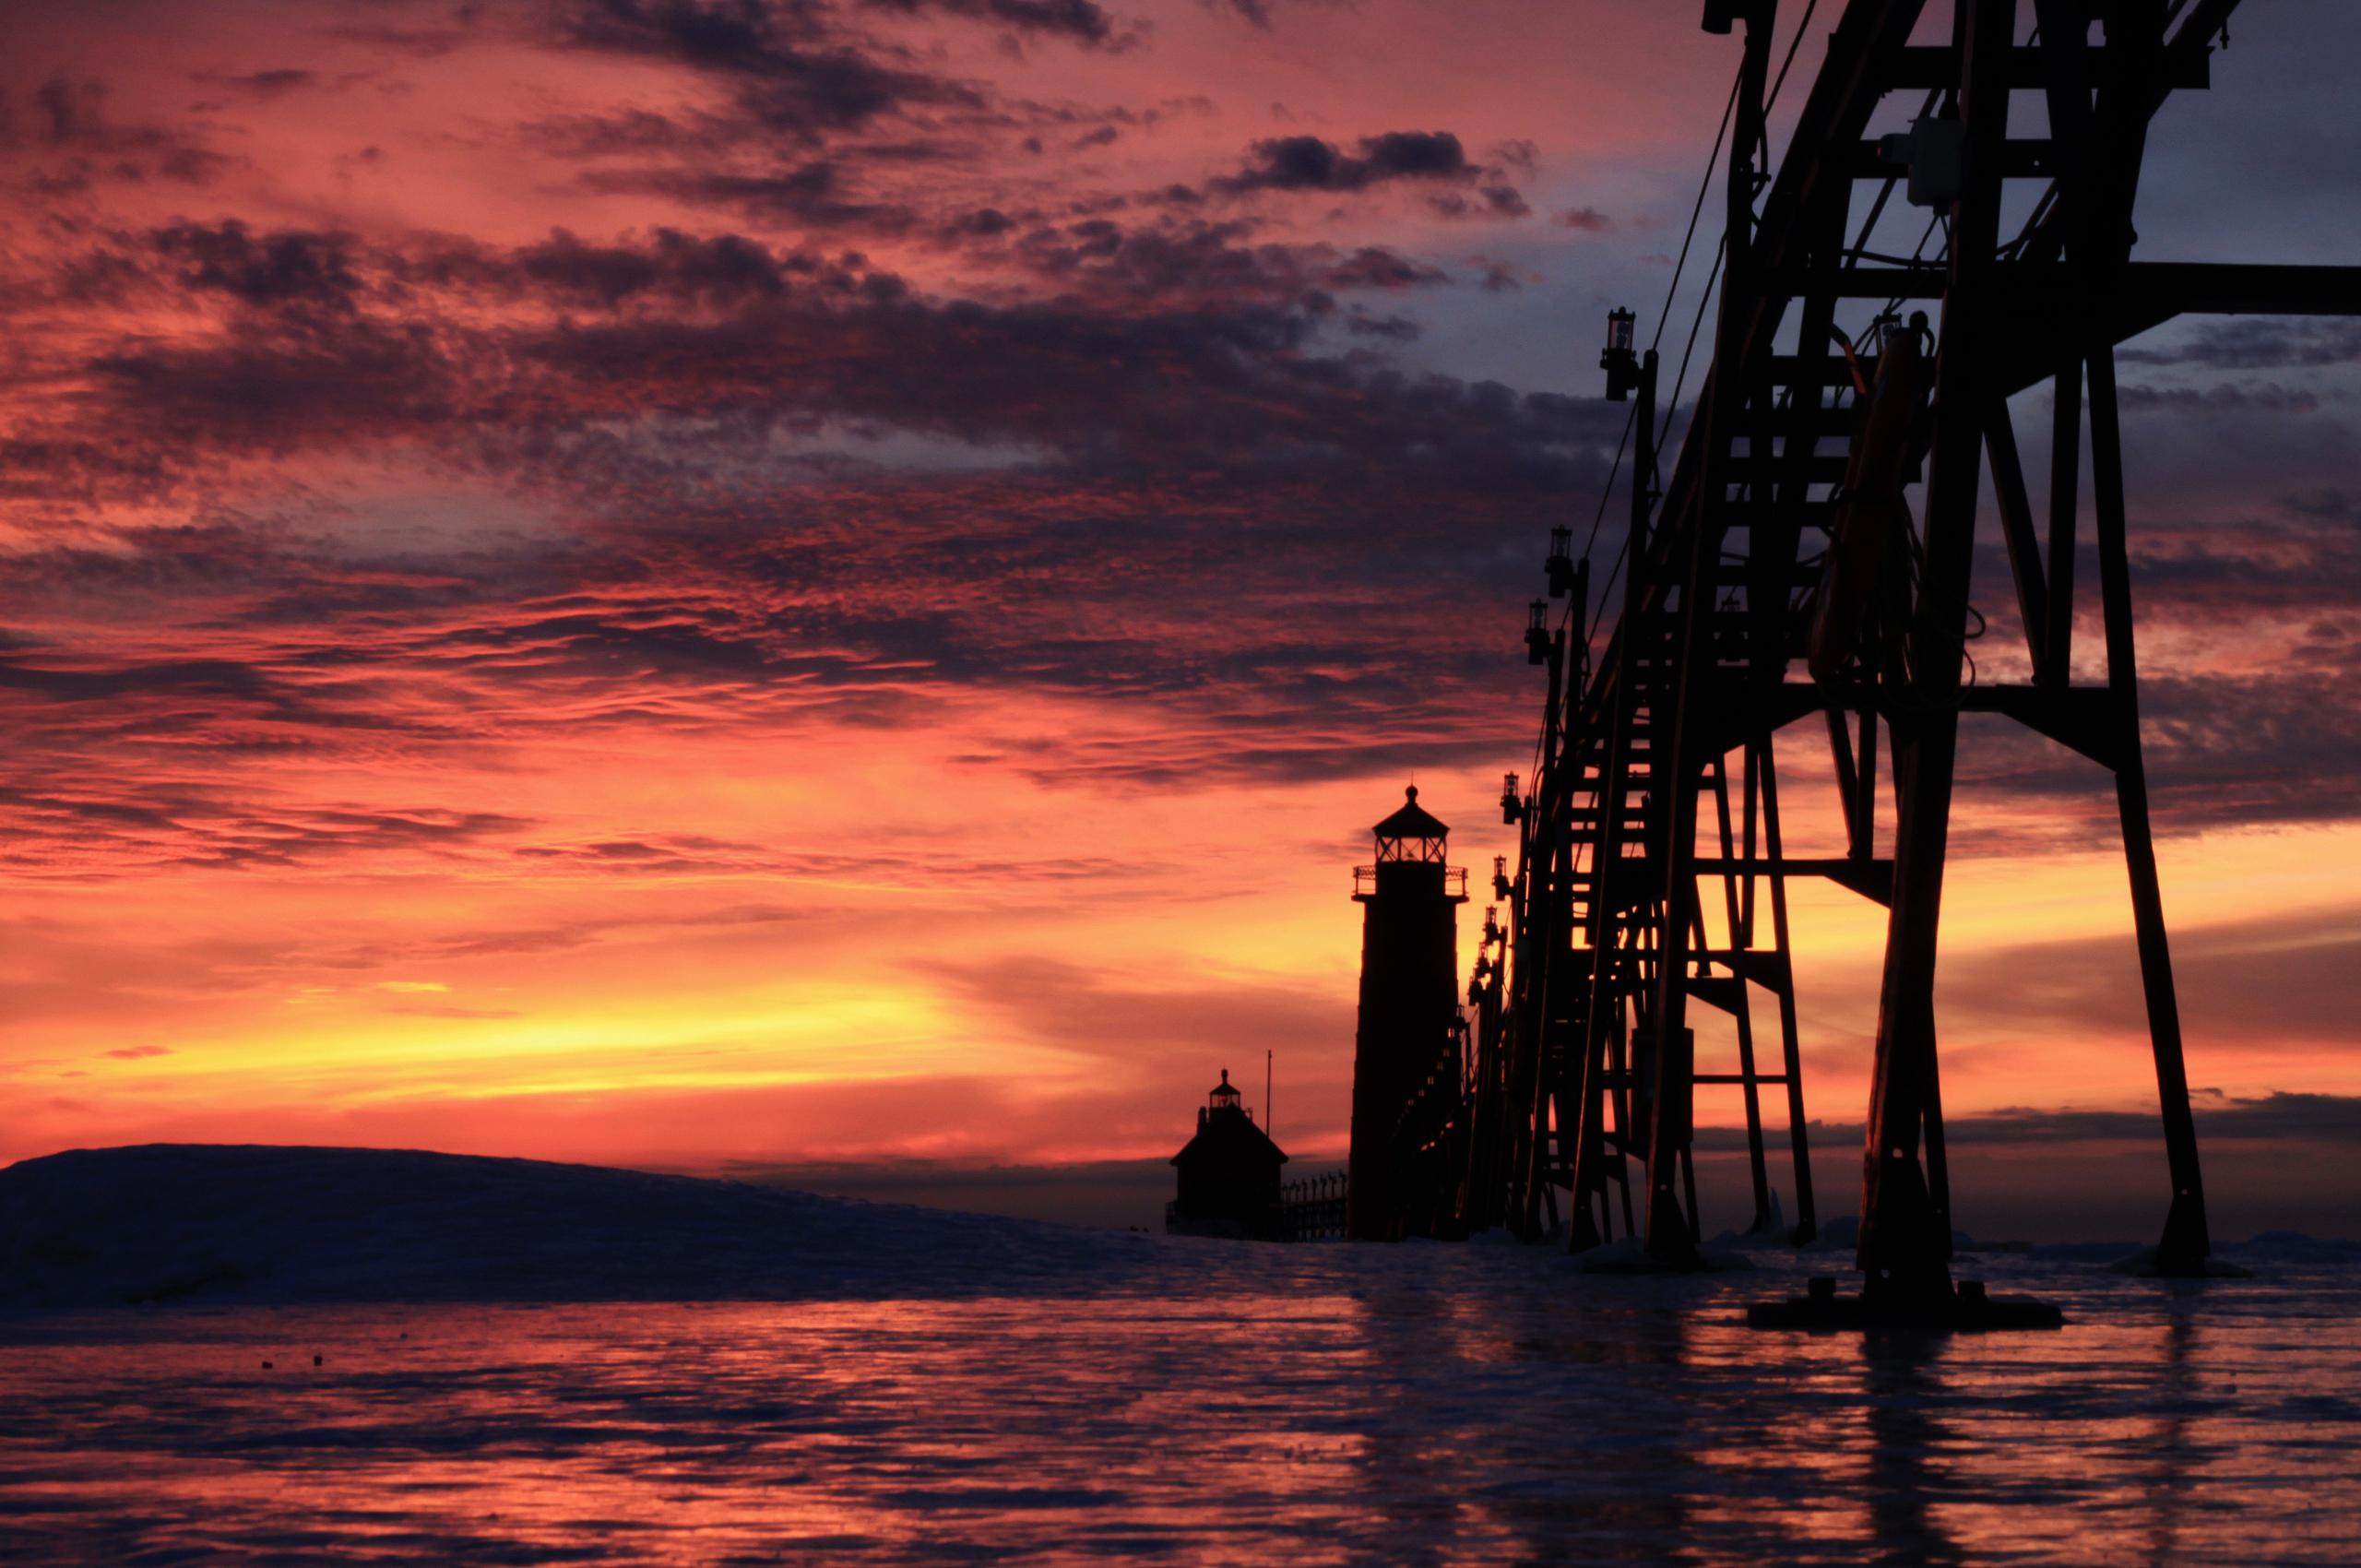 закат маяк море  № 1019950 загрузить